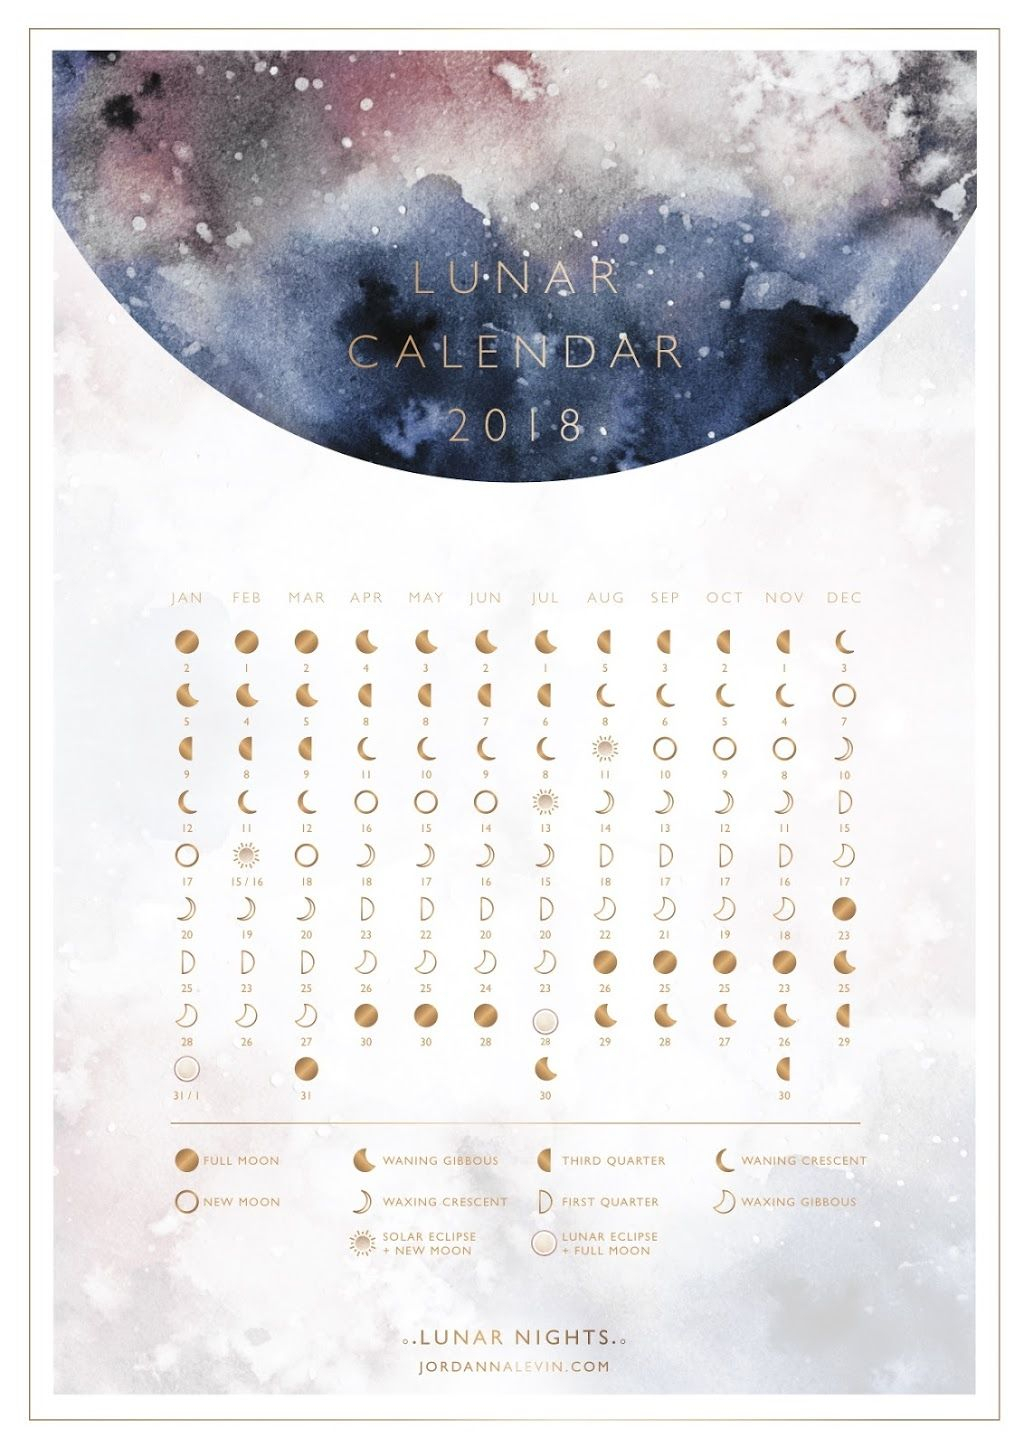 2018 Lunar Calendar  Dagboek Ideeën, Maanstanden En Bullet pertaining to Om Lunar Calendar